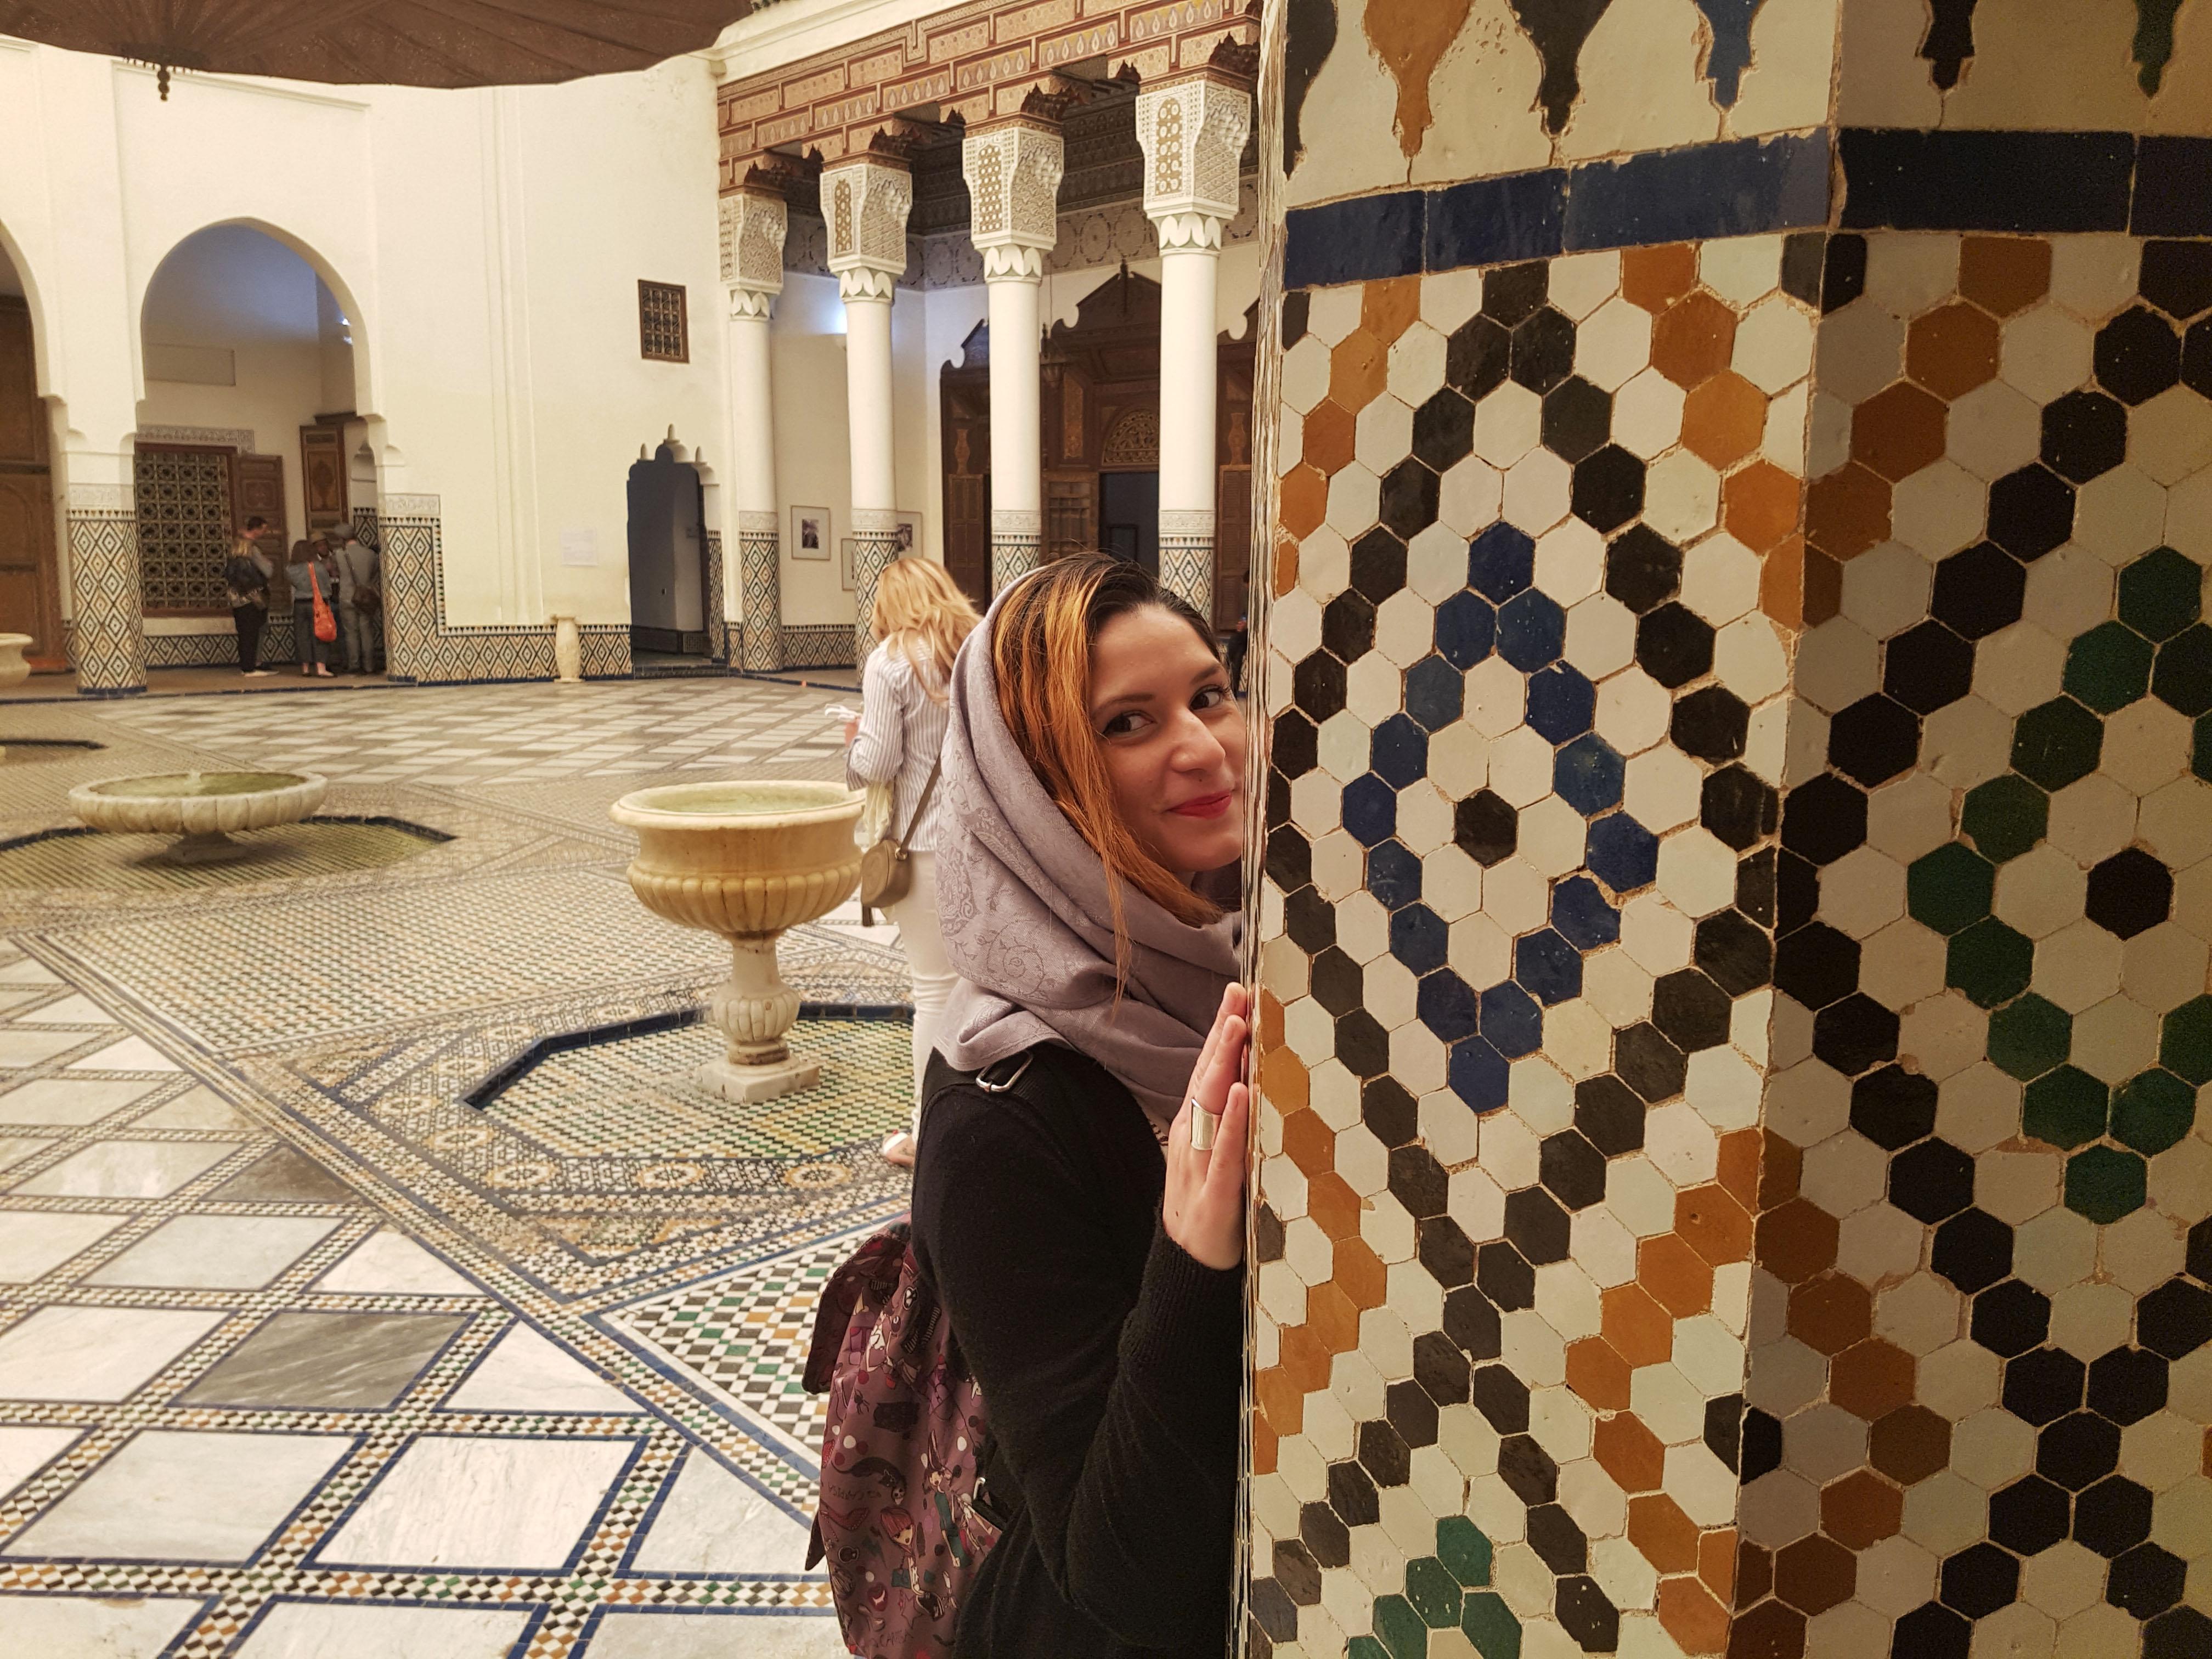 trip in Marrakech